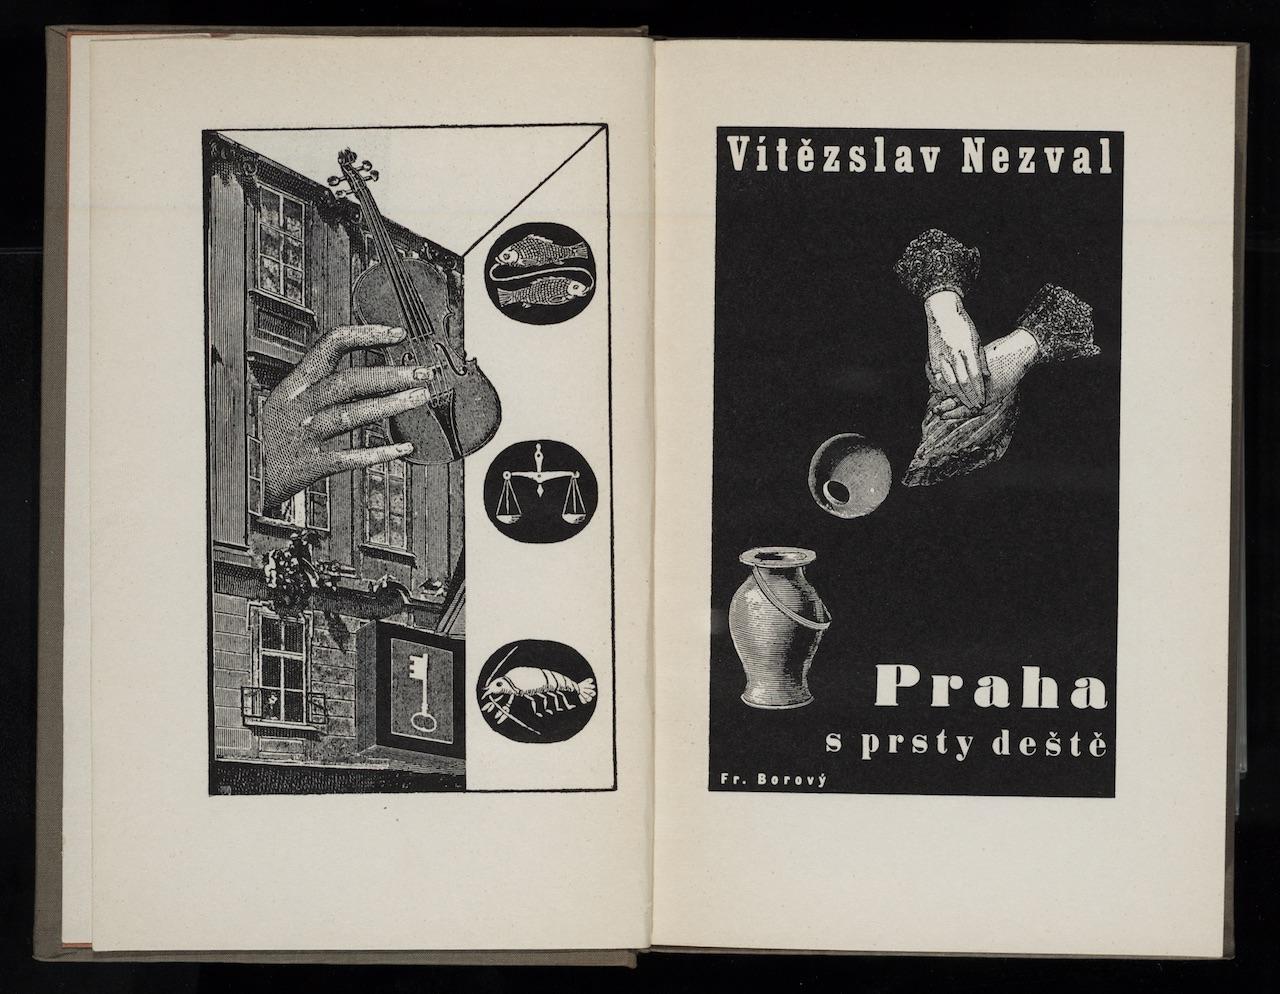 """Karel Teige, illustration for """"Praha s prsty deště"""" (1936) by Vítězslav Nezval"""